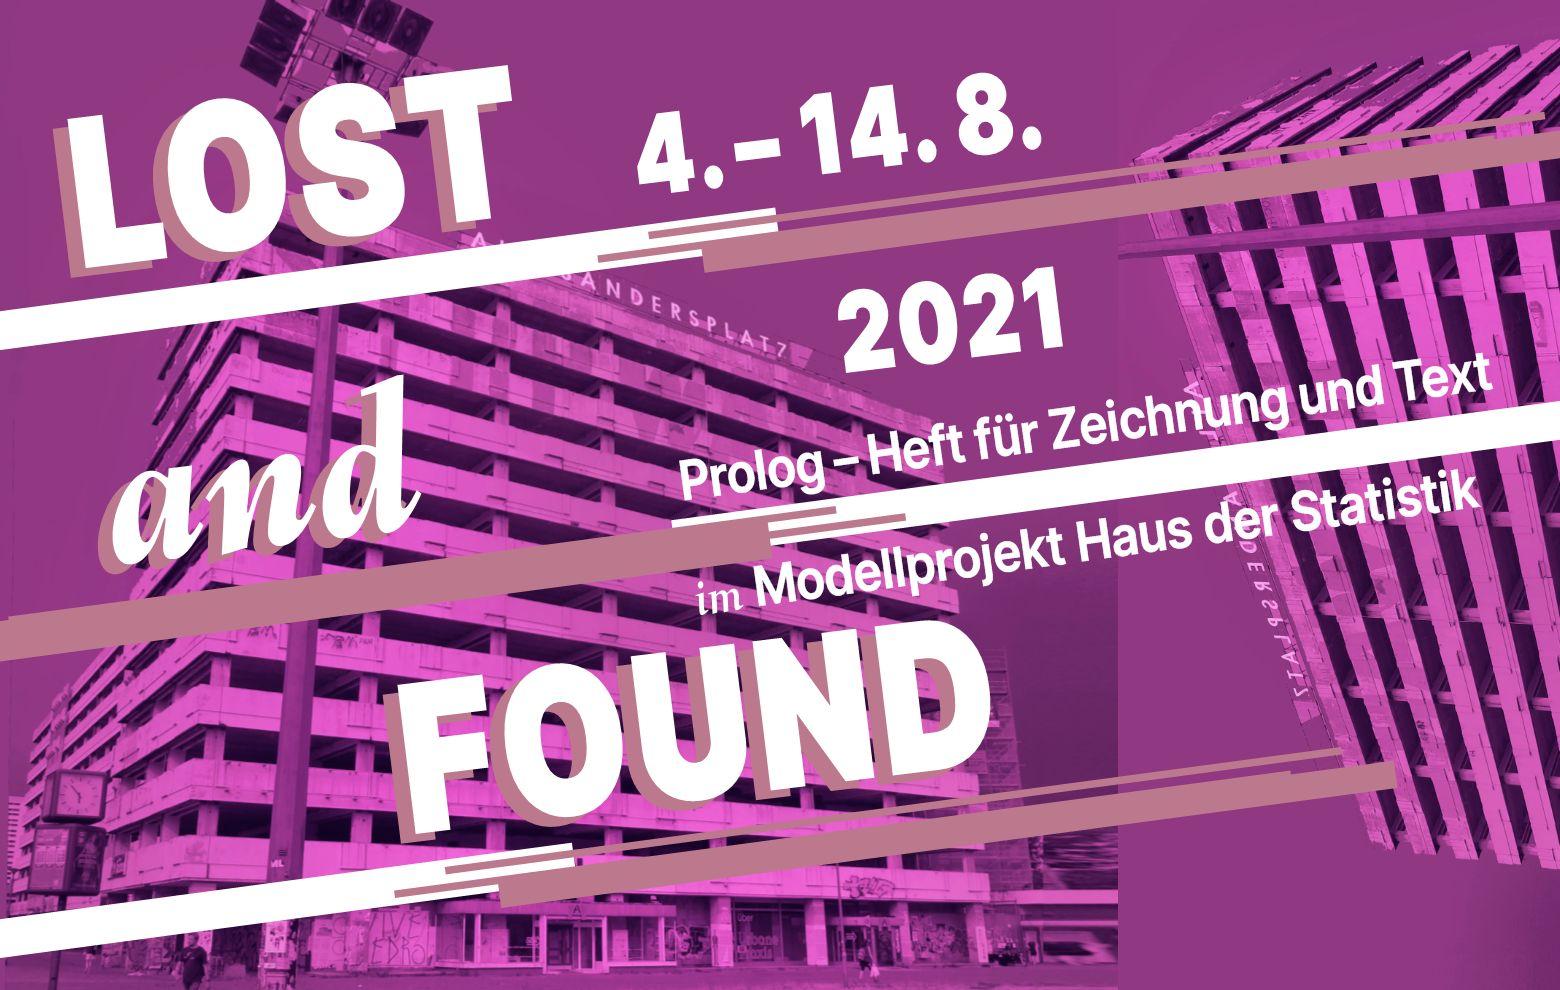 LOST and FOUND, PROLOG - Heft für Zeichnung und Text, Ausstellung im Haus der Statistik Berlin